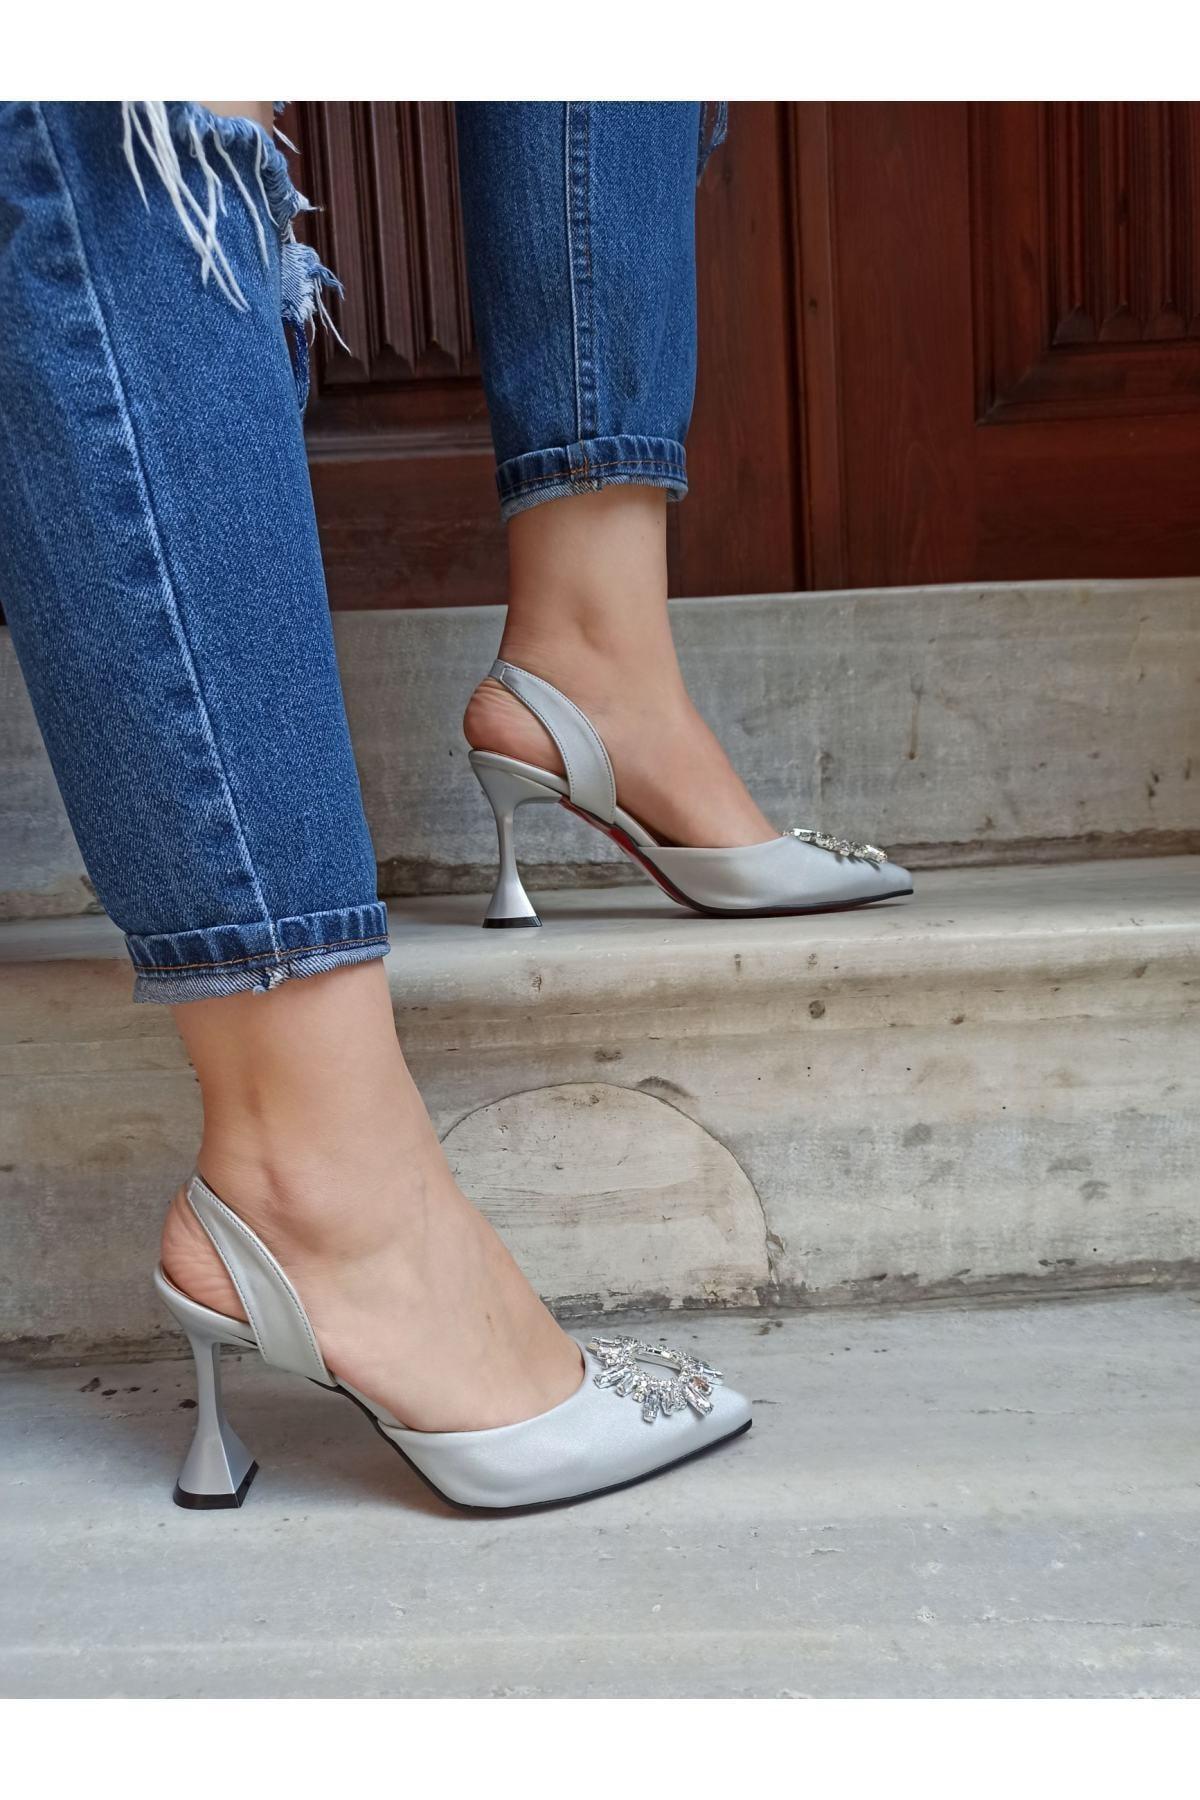 Kadın Gümüş Saten Güneş Taşlı Arkadan Lastikli 9 Cm Topuklu Ayakkabı